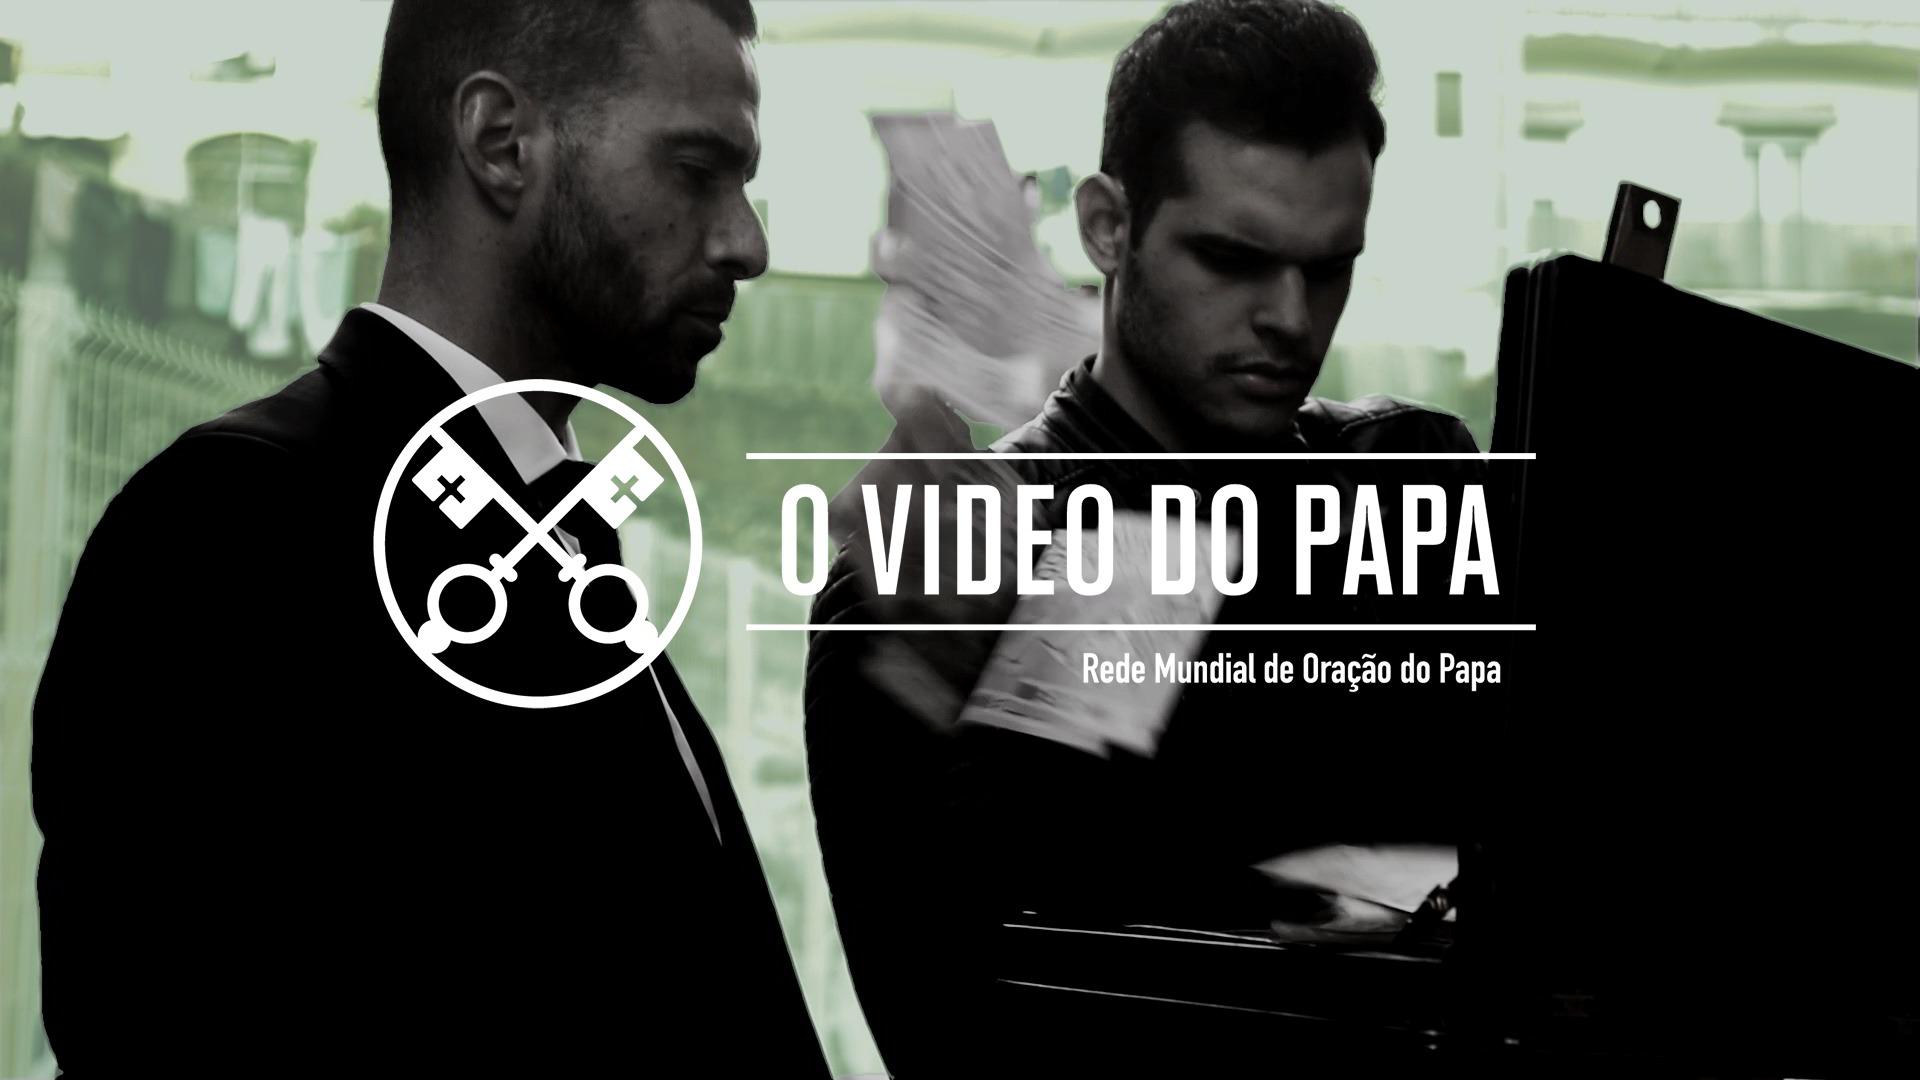 Official-Image-TPV-2-2020-PT-O-Video-do-Papa-Escutar-os-gritos-dos-migrantes